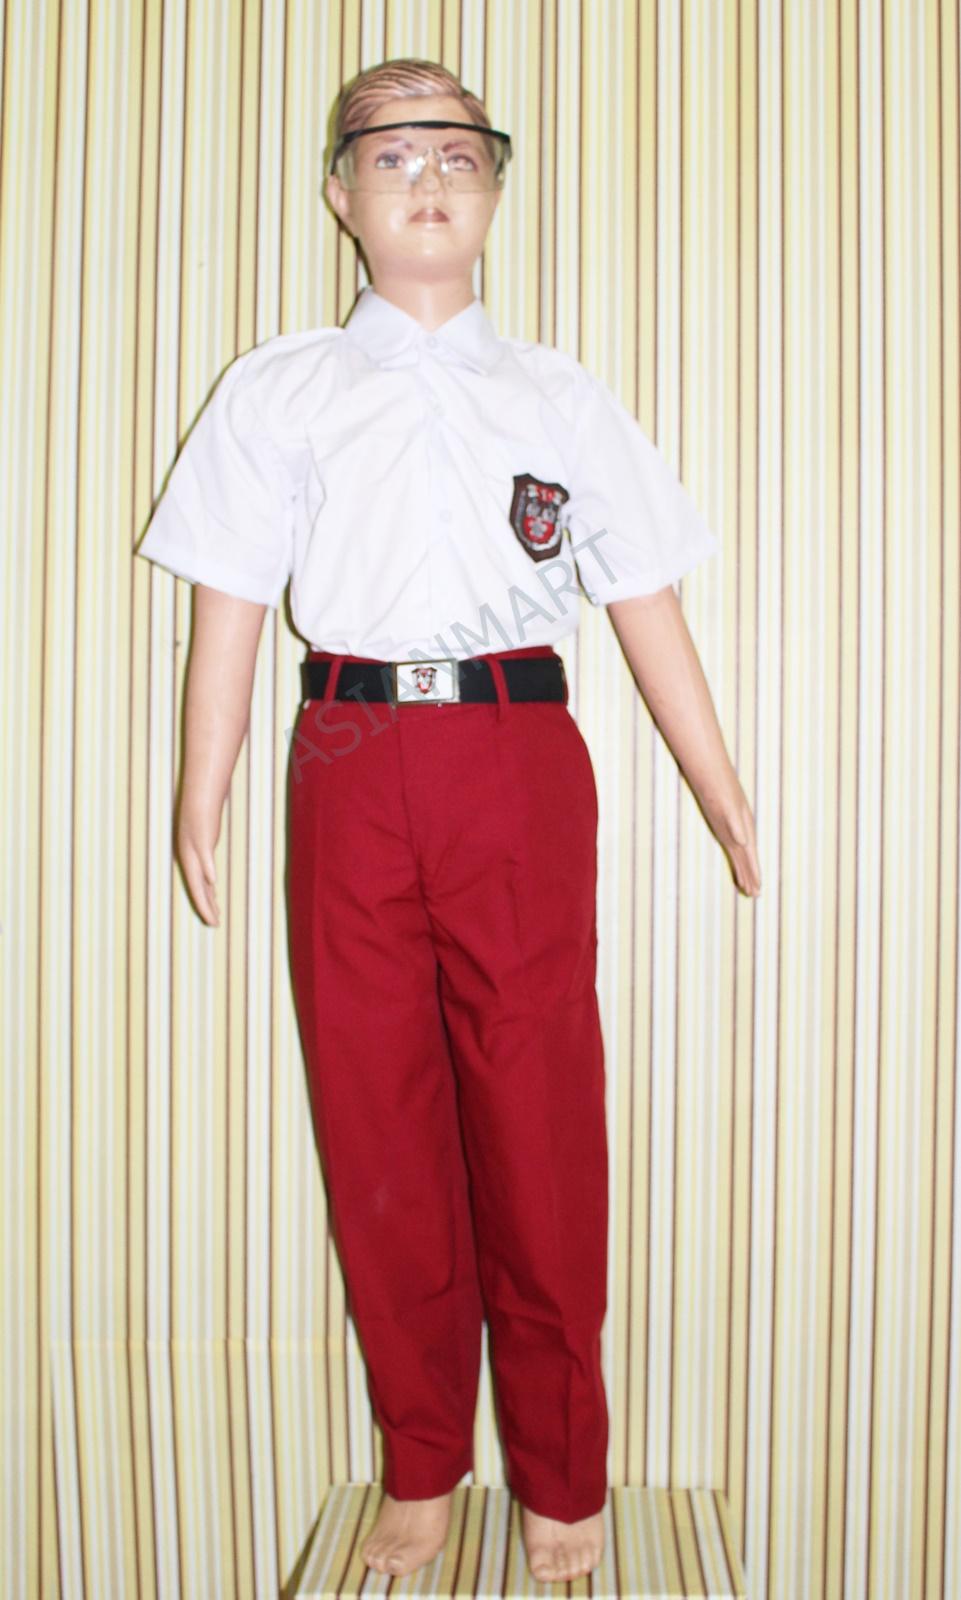 Seragam Sekolah Sd Merah Putih Baju Pendek Celana Panjang Untuk Kelas 1 6 Sd Asianmart Ukuran Silahkan Lihat Ditabel Deskripsi Lazada Indonesia